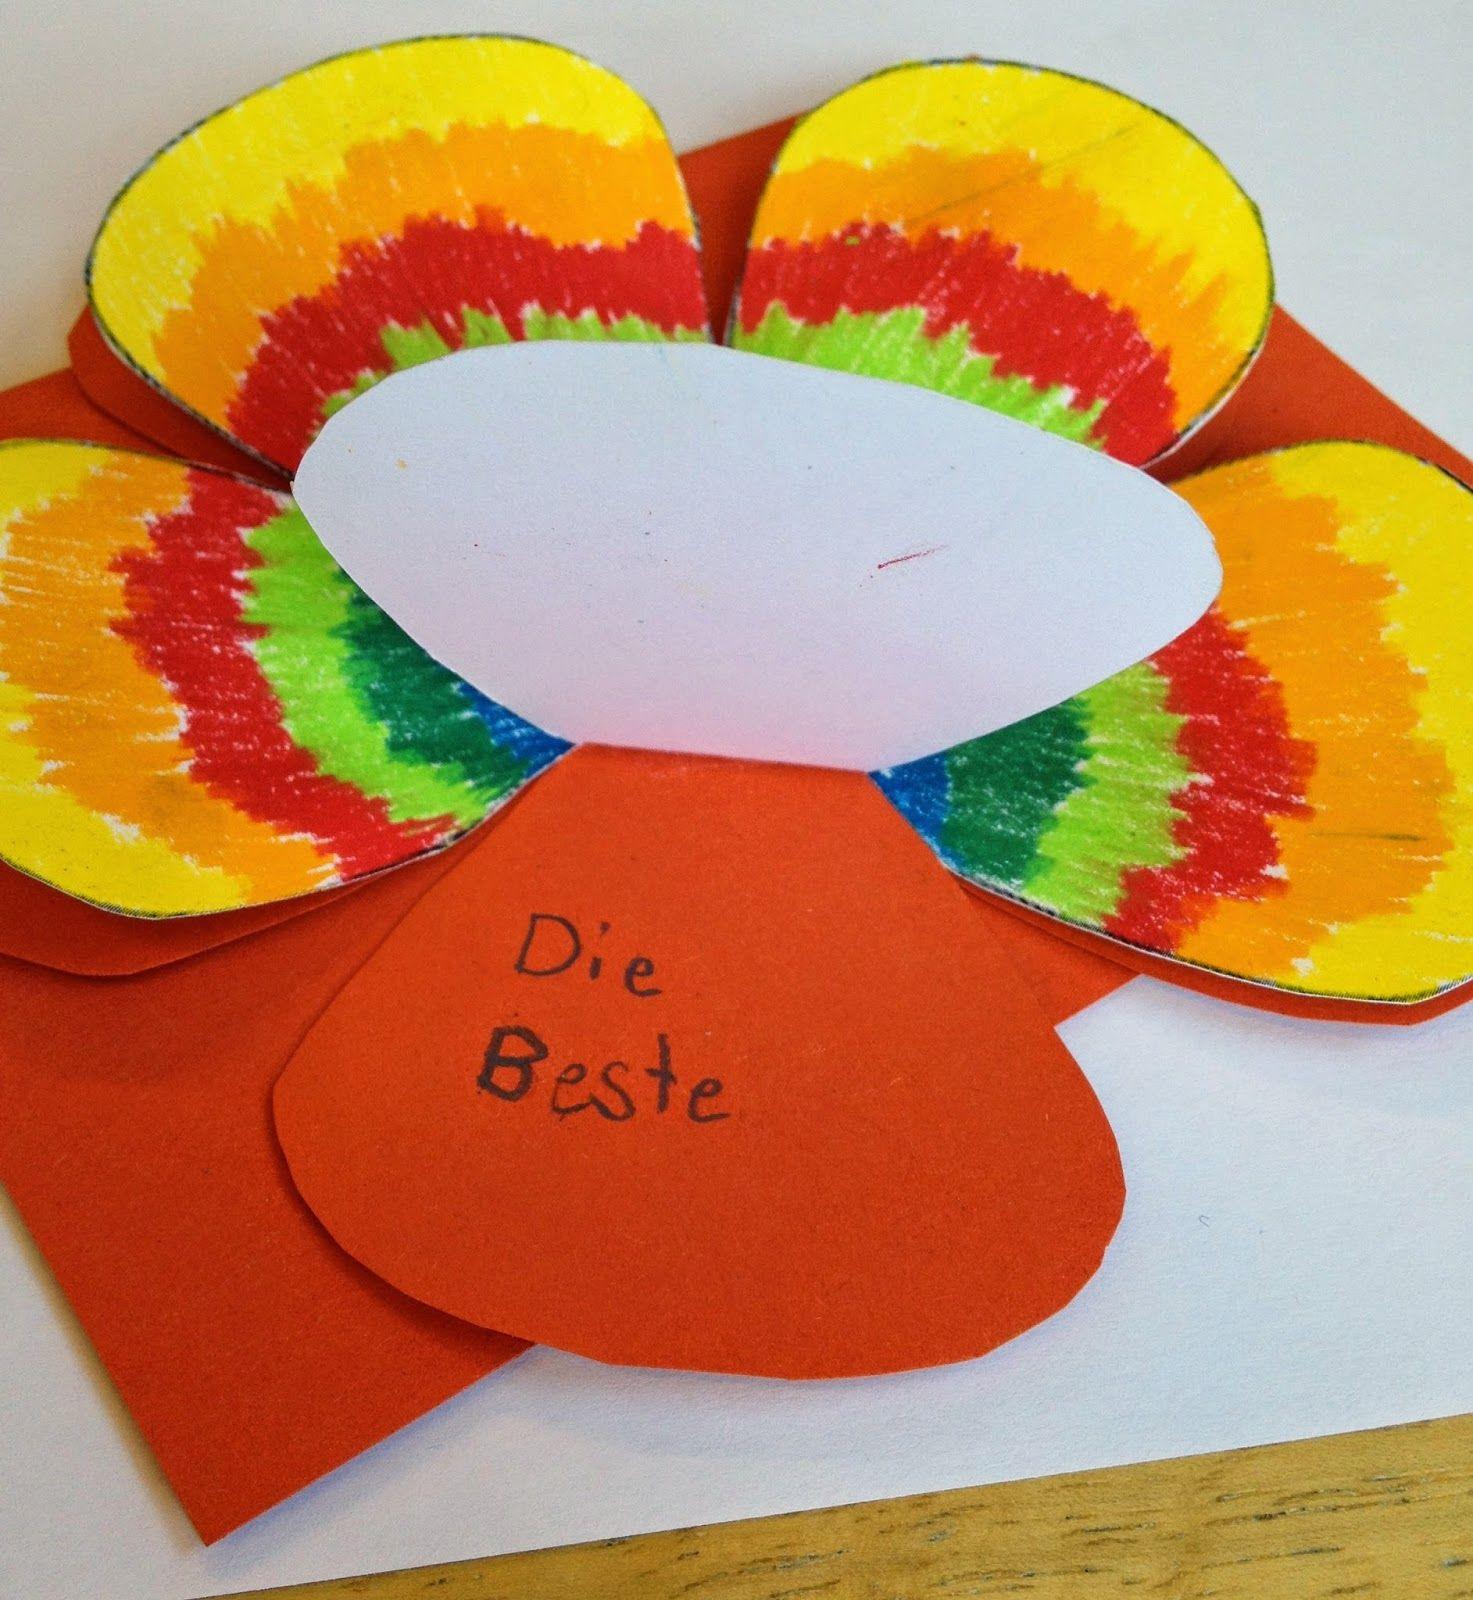 Klassenkunst geschenk zum muttertag karte basteln muttertag muttertag geschenk und - Muttertag pinterest ...